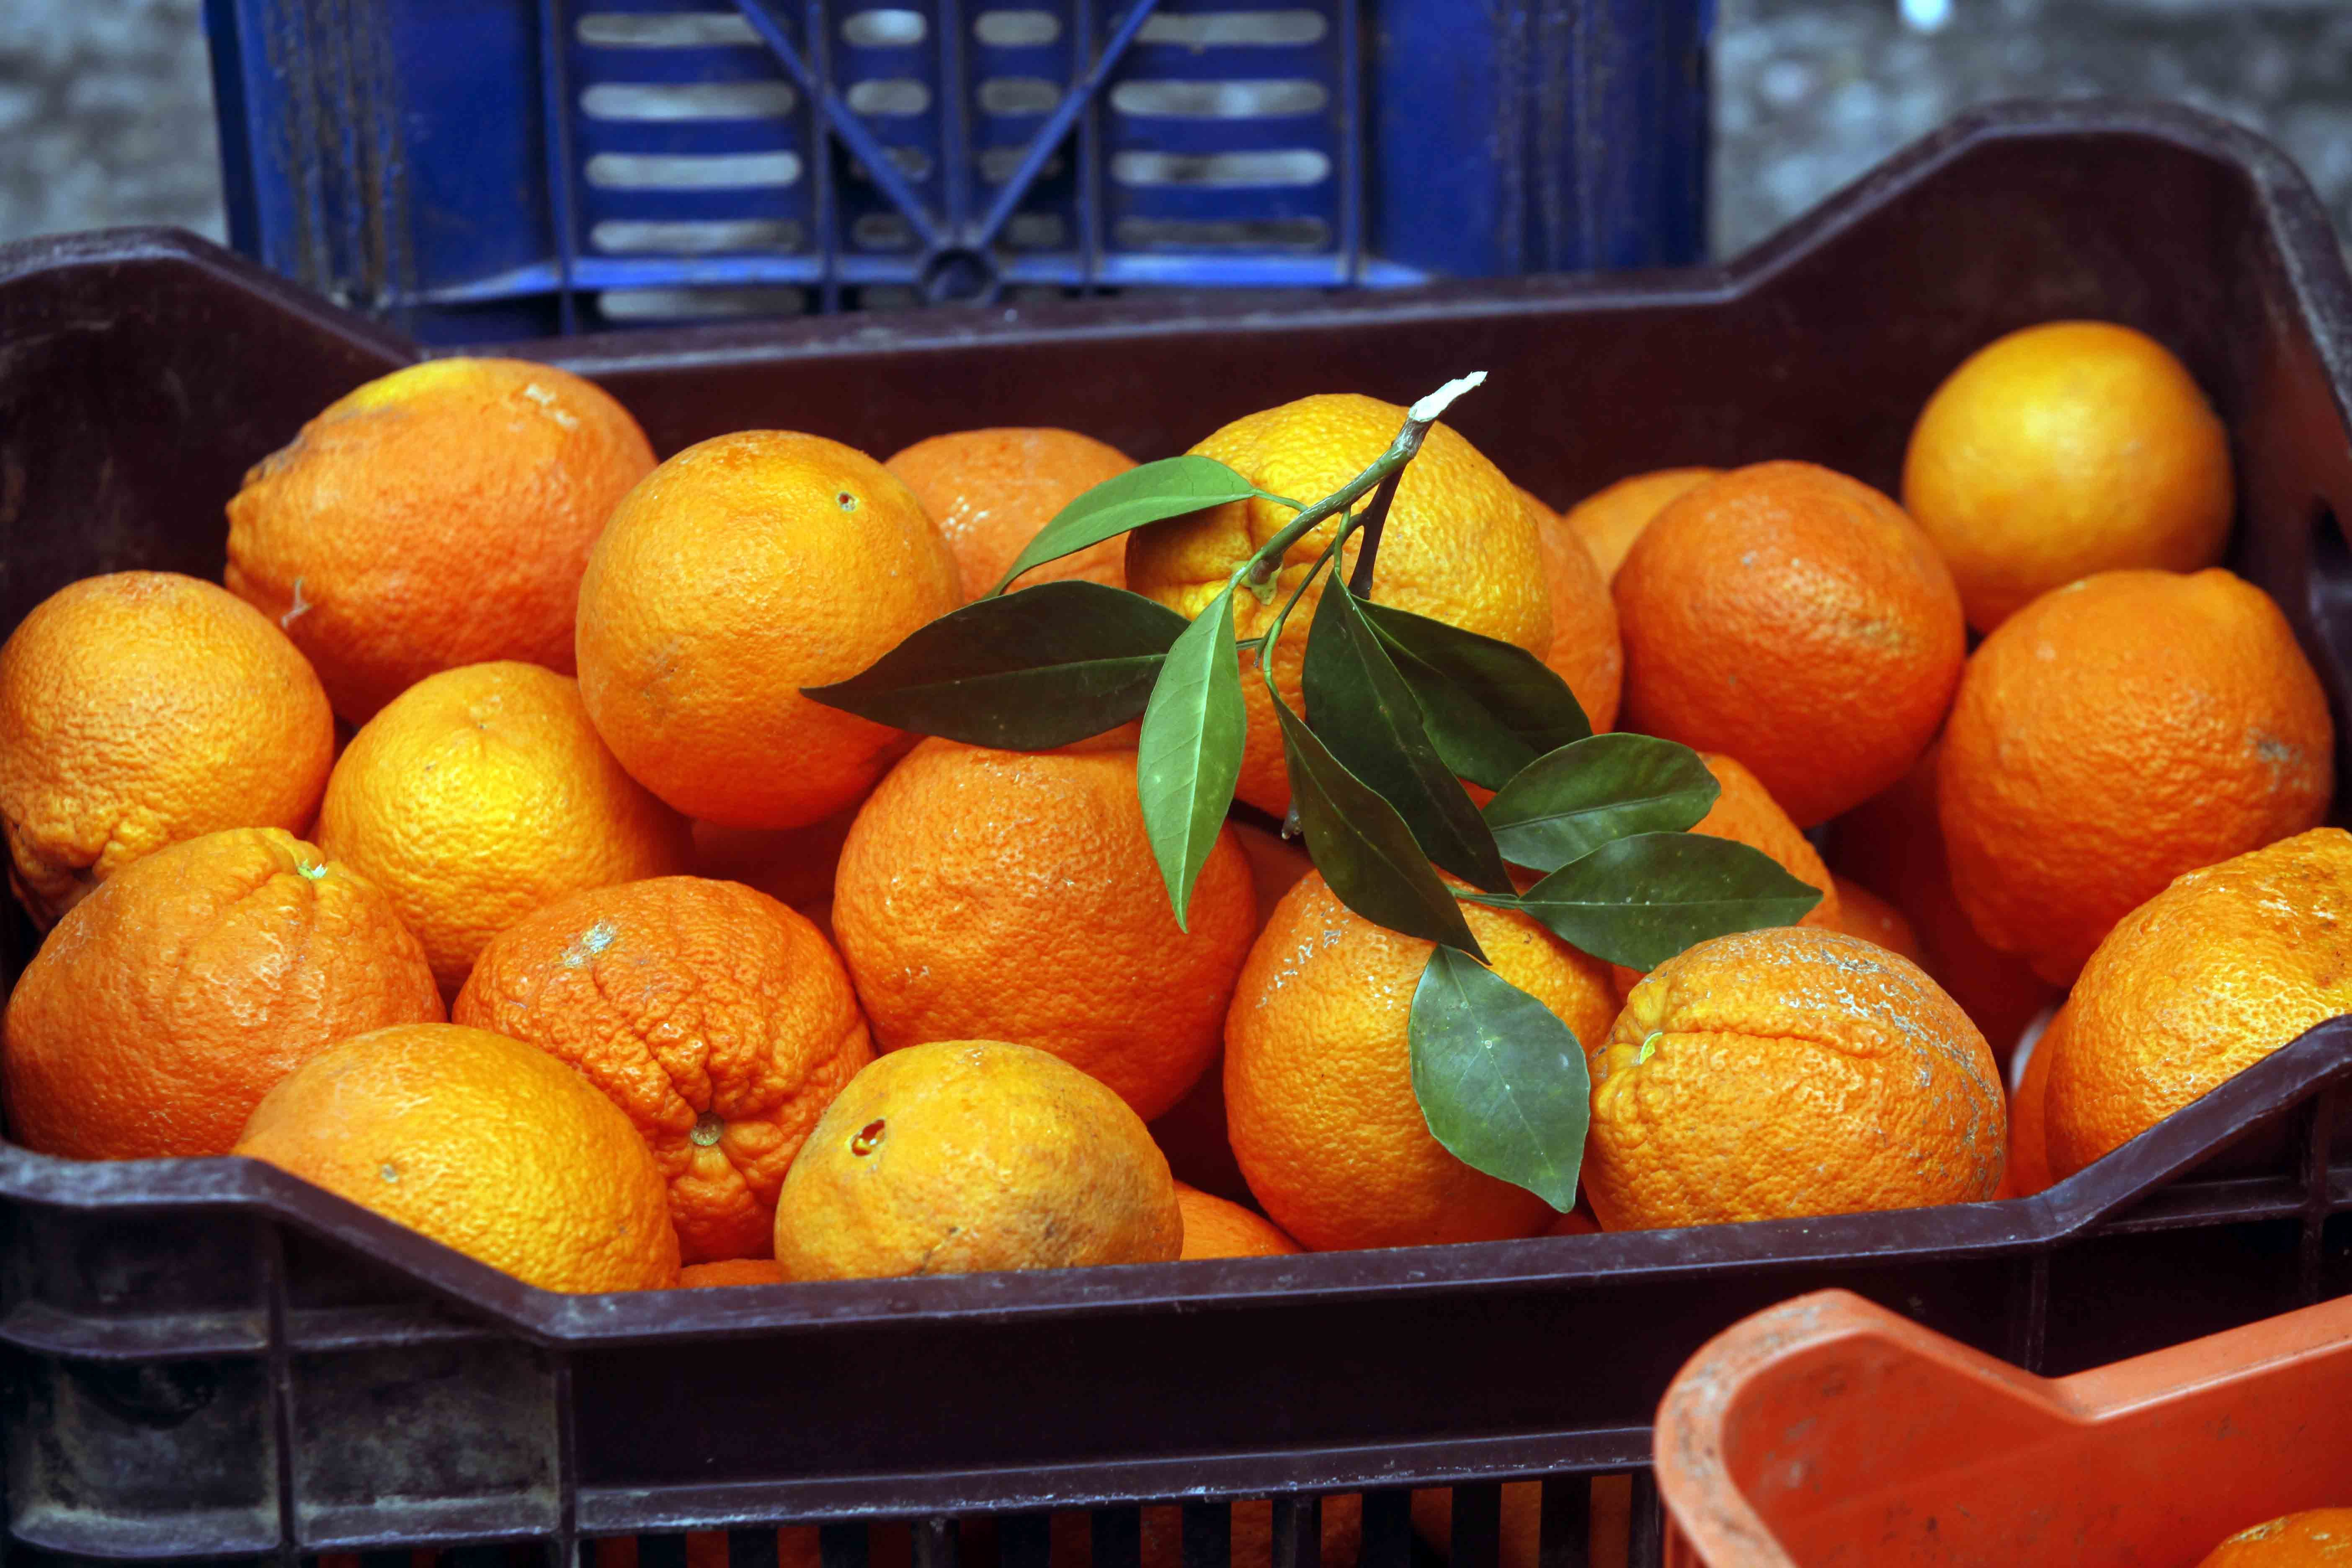 Δεσμεύτηκαν 1,6 τόνοι φρούτων στον Πειραιά